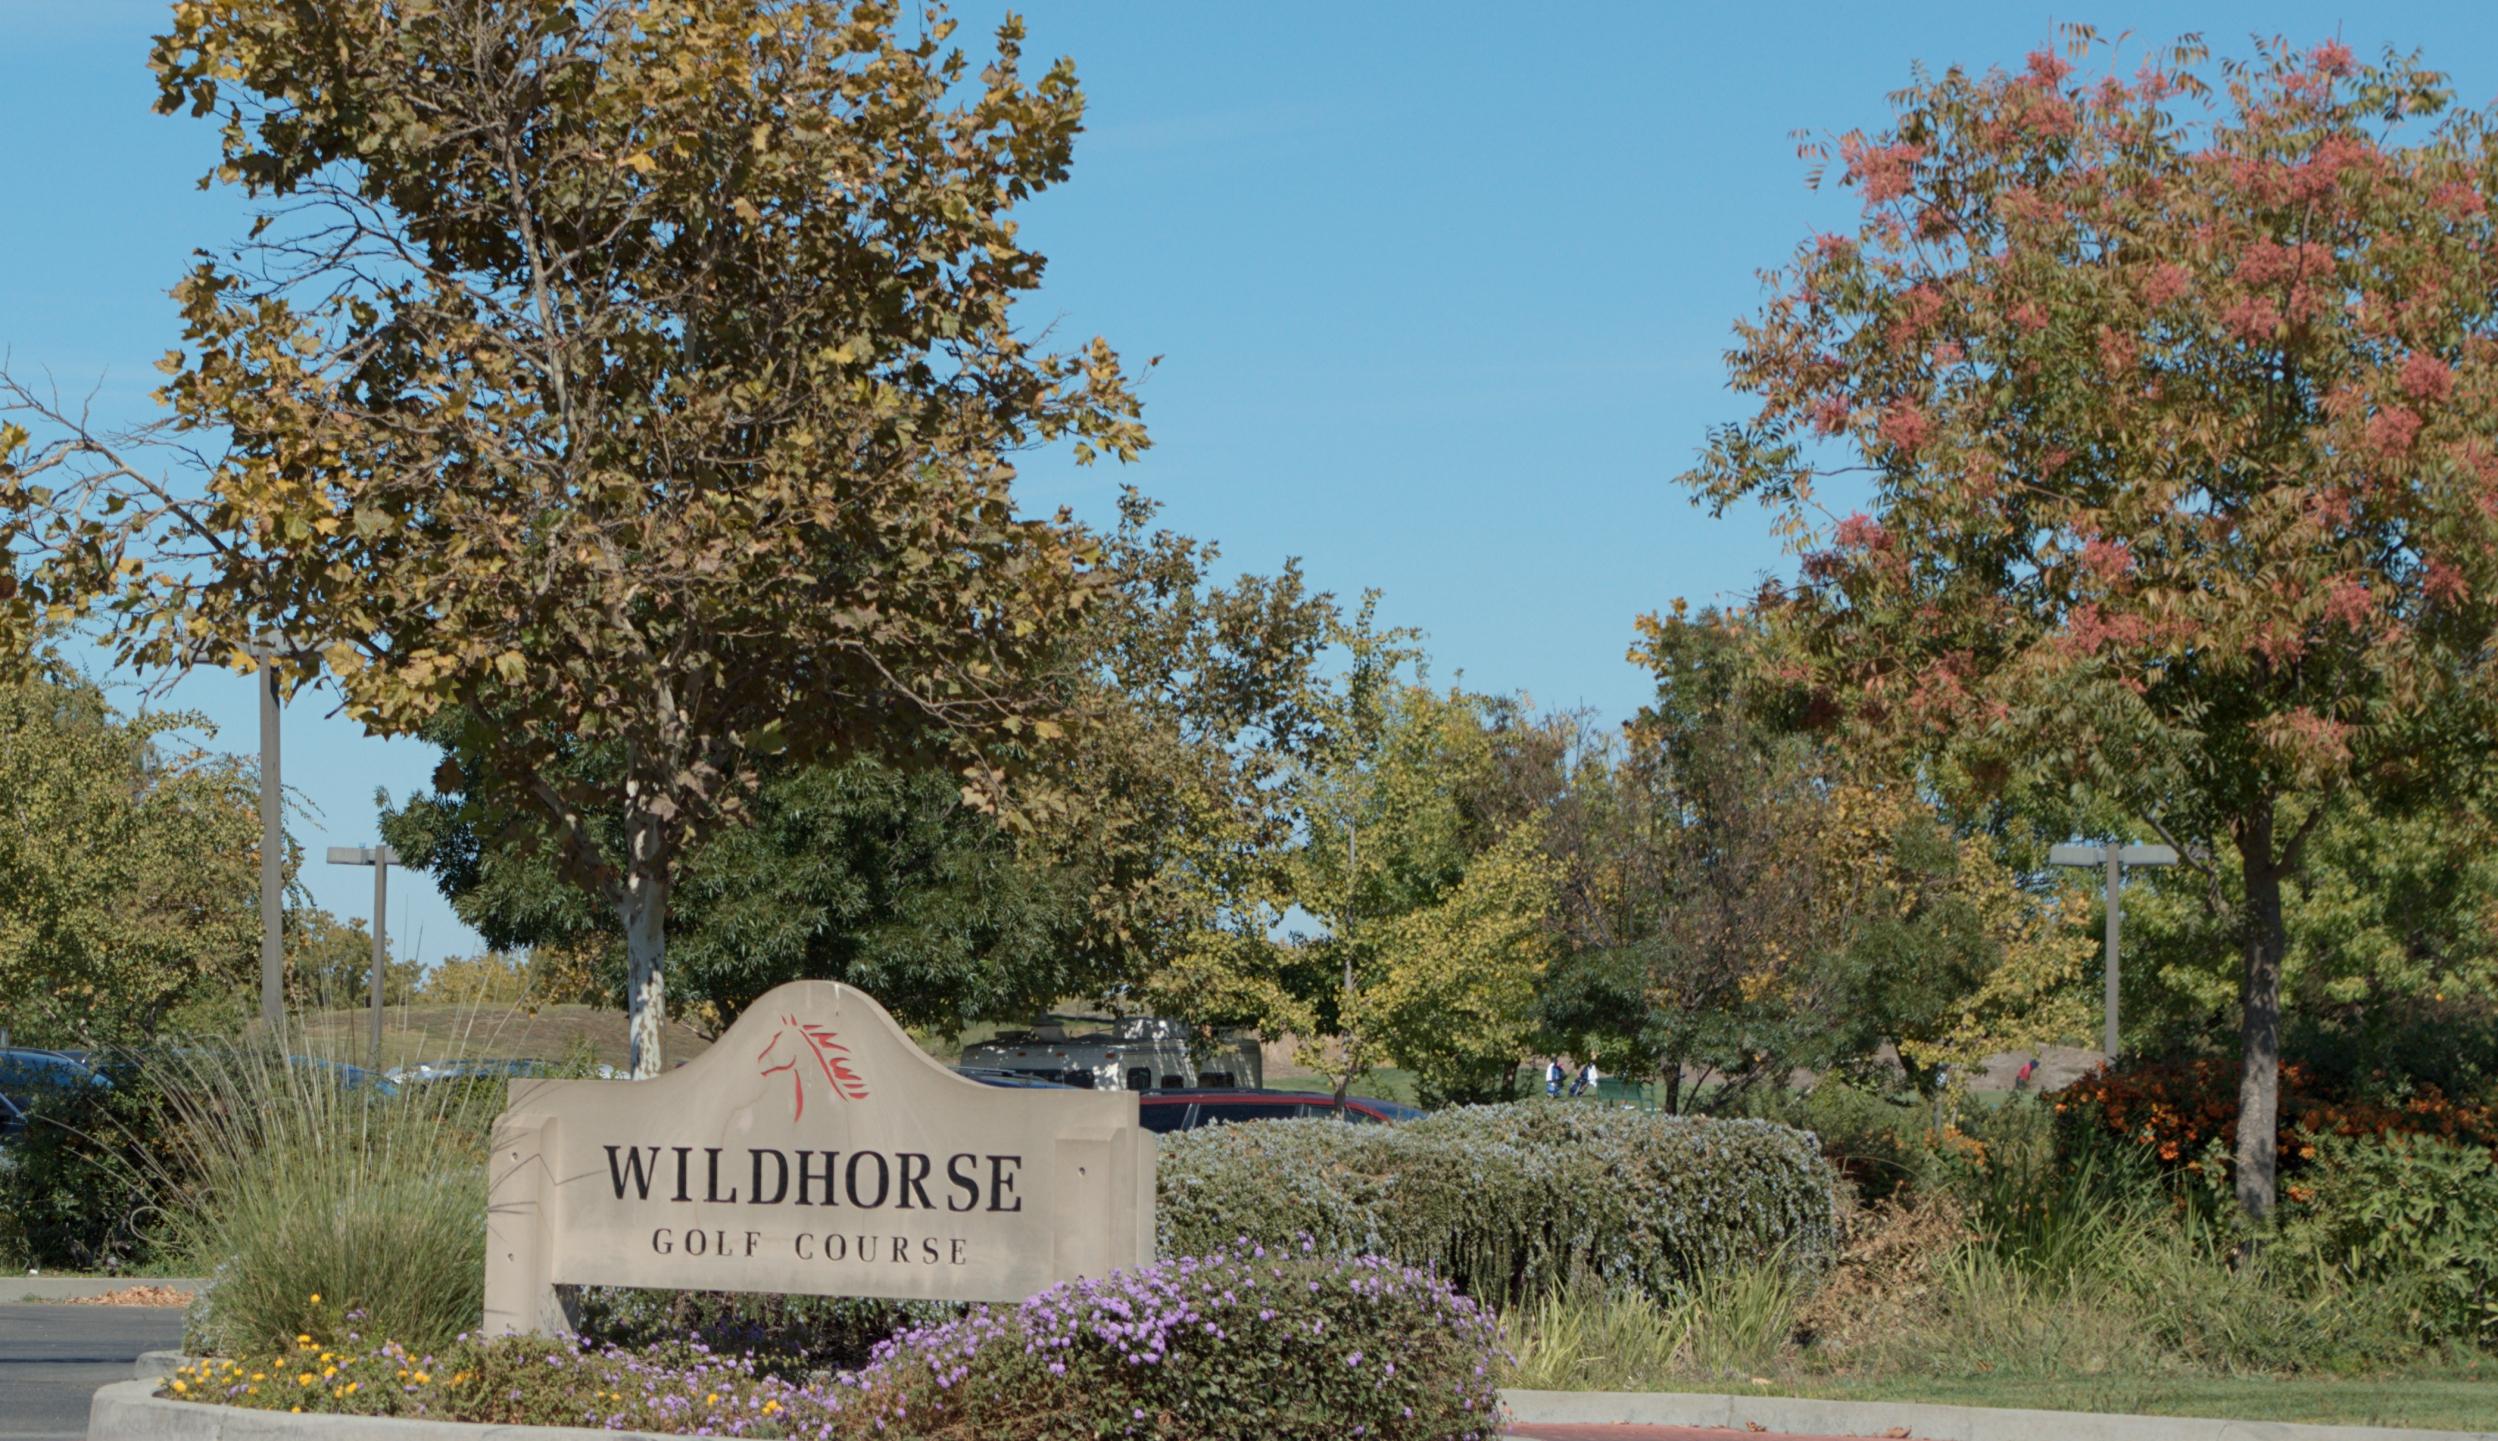 Wildhorse Golf Club 4 2500w.jpg